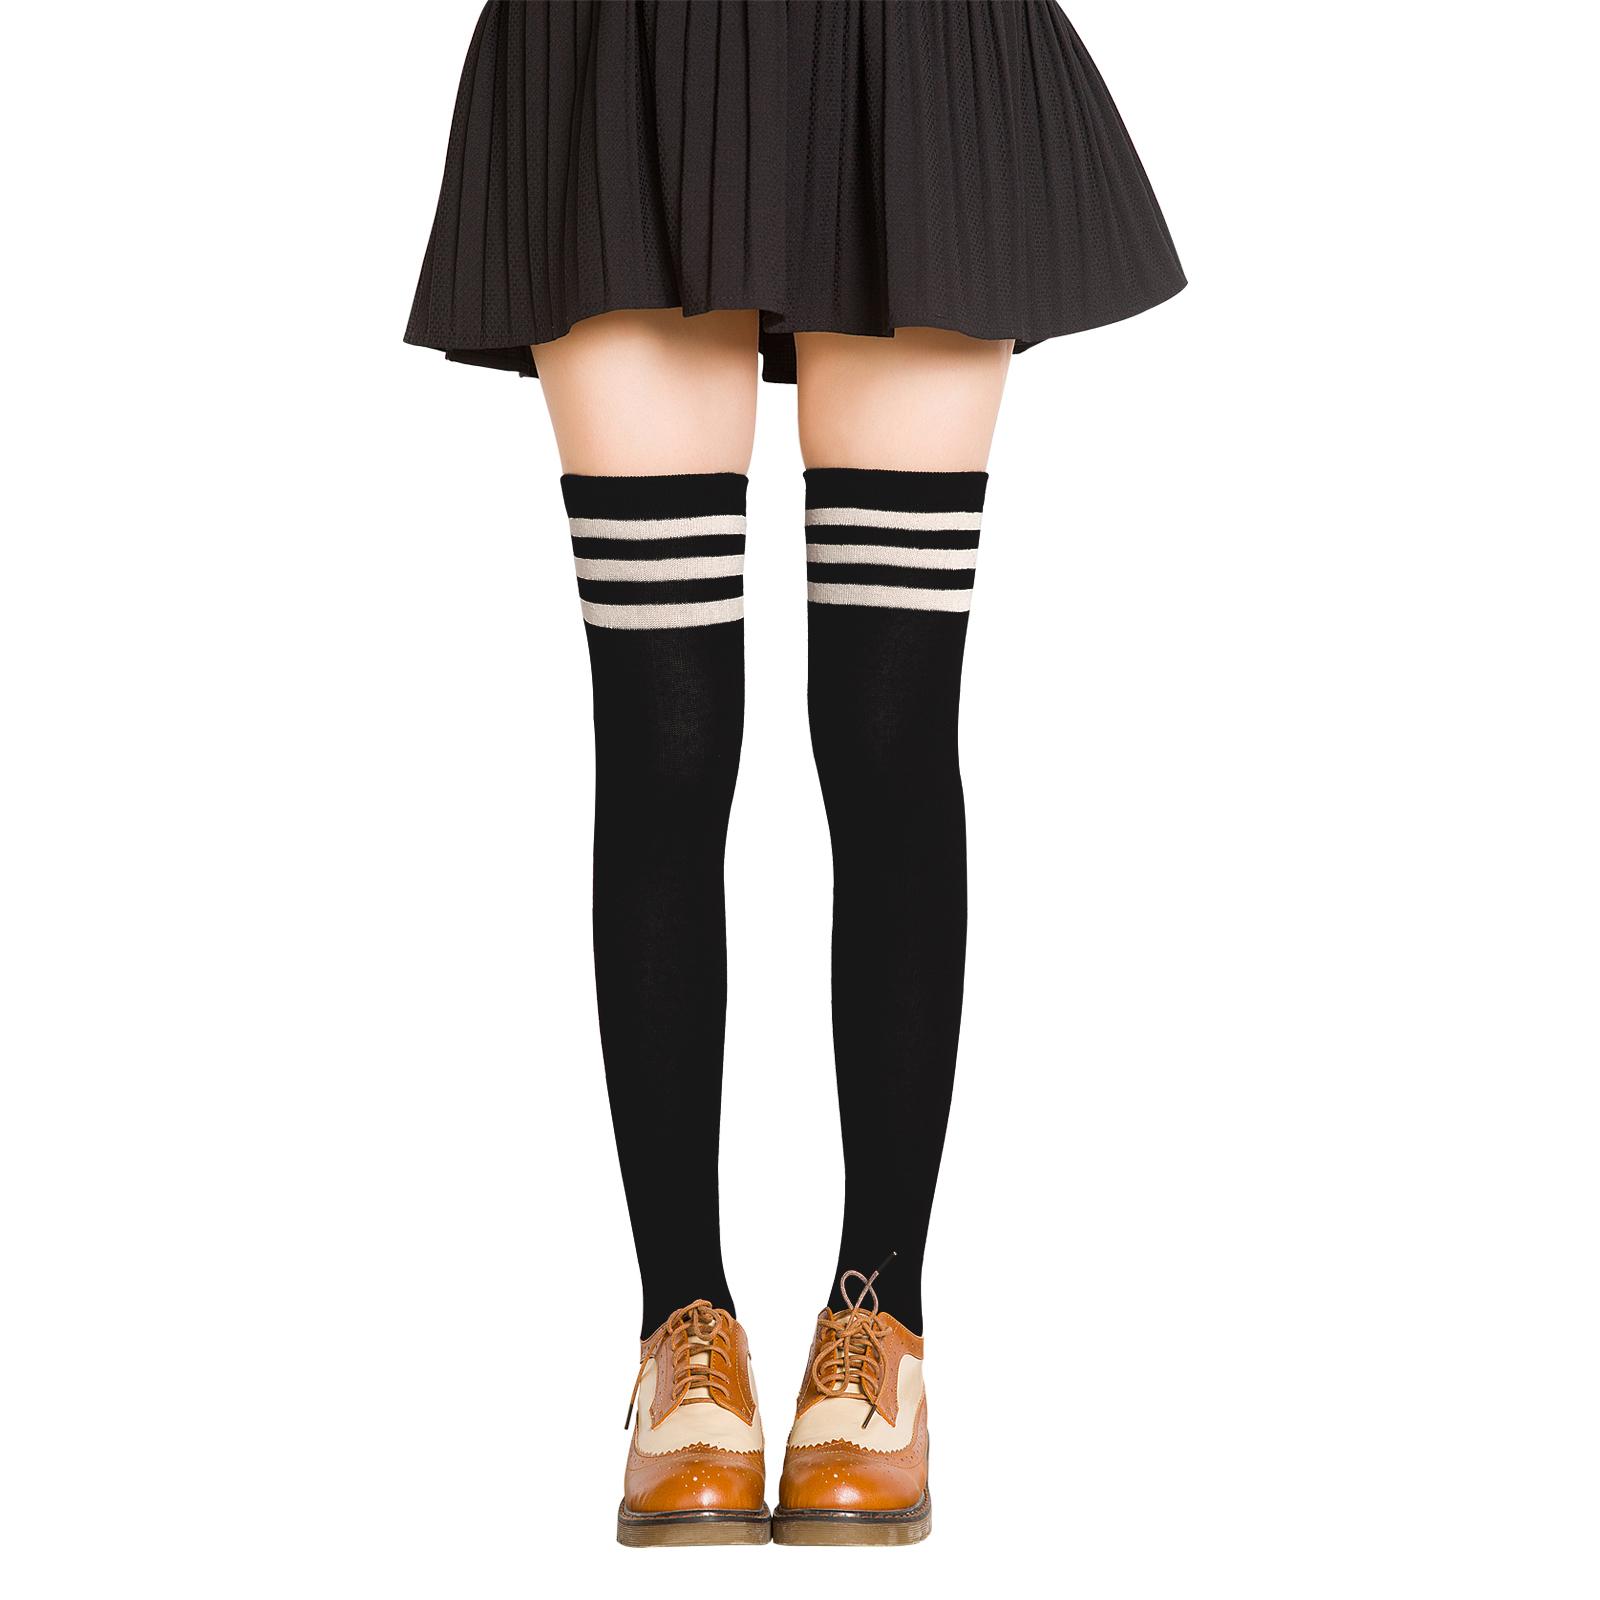 日系长筒袜子过膝黑色条纹高筒袜长袜子女学生韩国潮ins夏季薄款